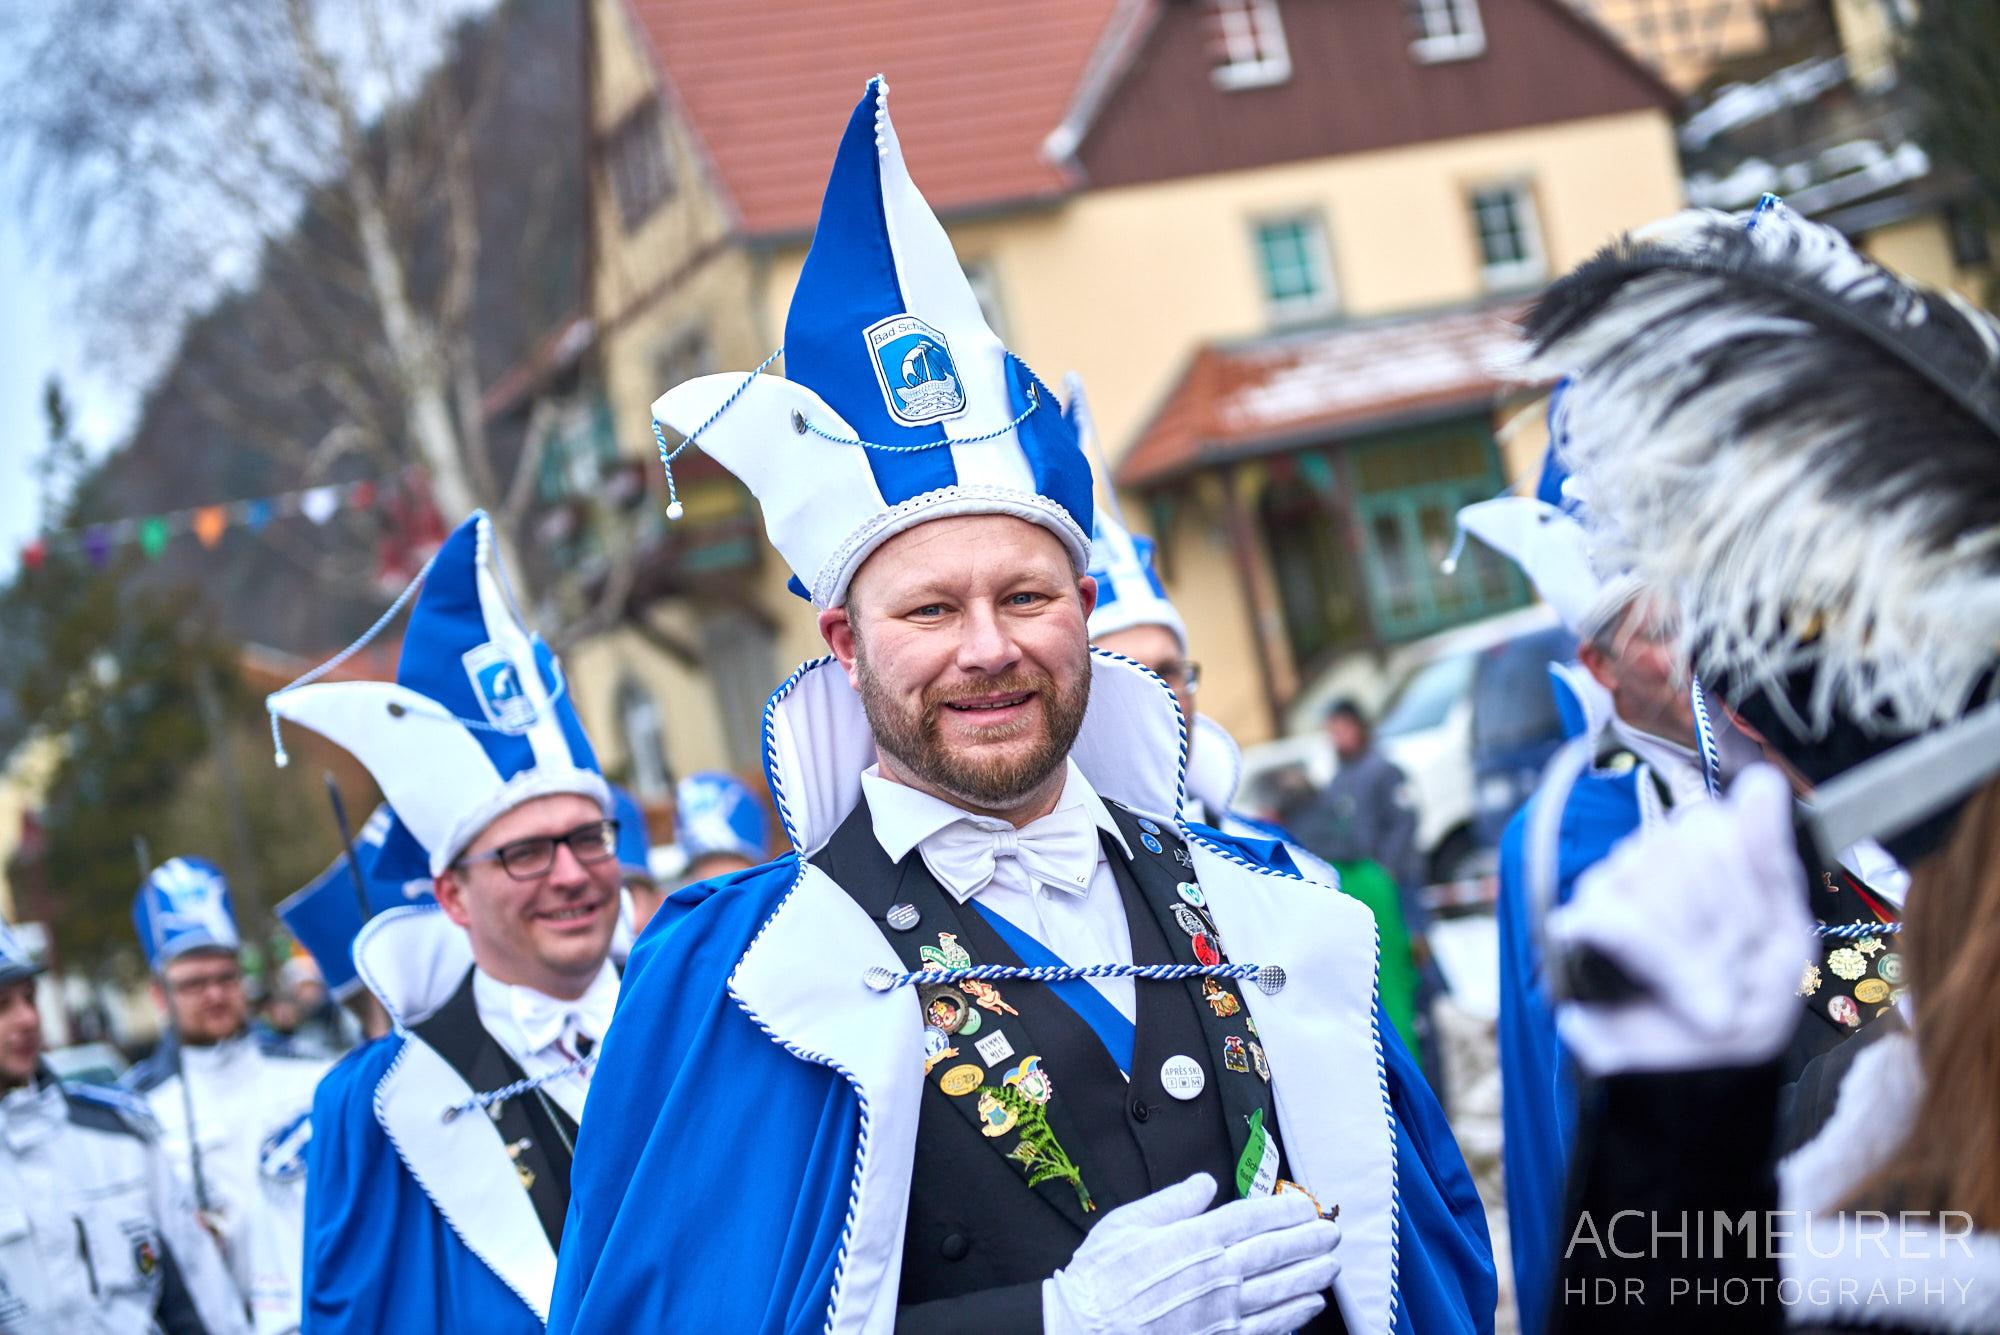 Schifferfastnacht-Postelwitz-Bad-Schandau-Saechsische-Schweiz-Sachsen_0026 by AchimMeurer.com .